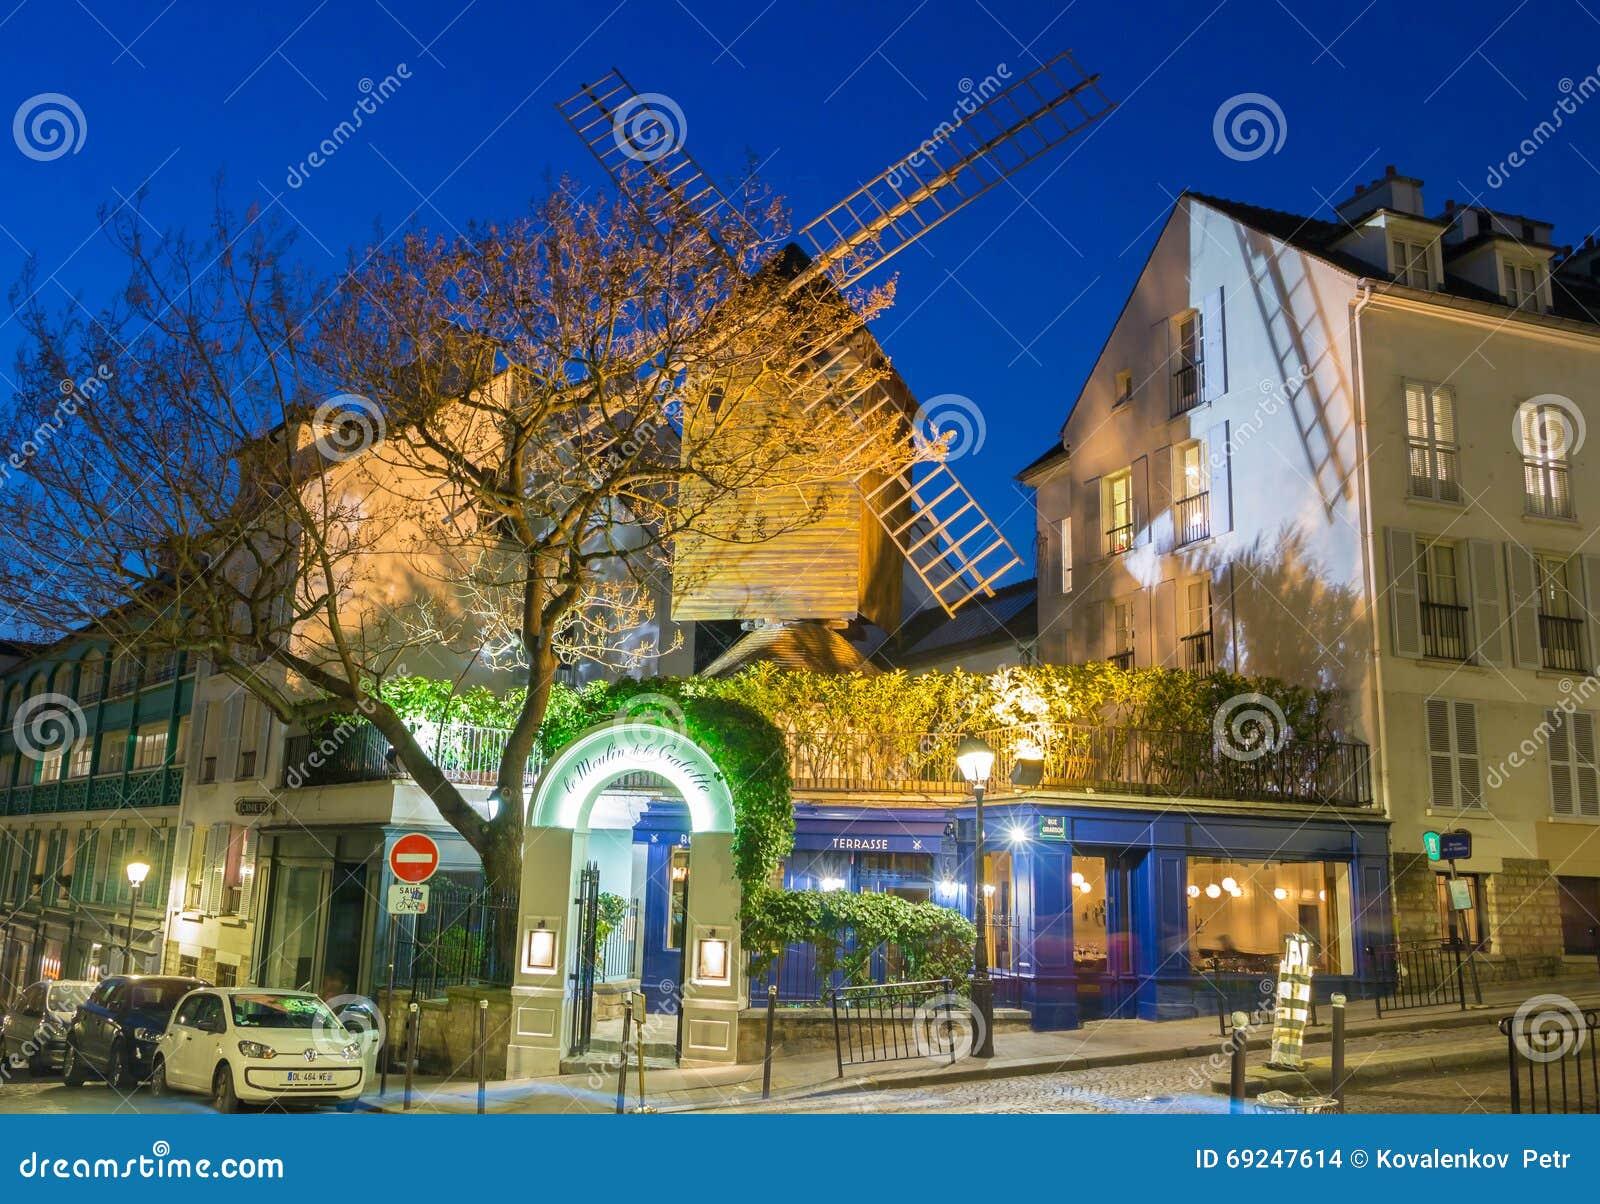 the famous restaurant le moulin de la galette paris france